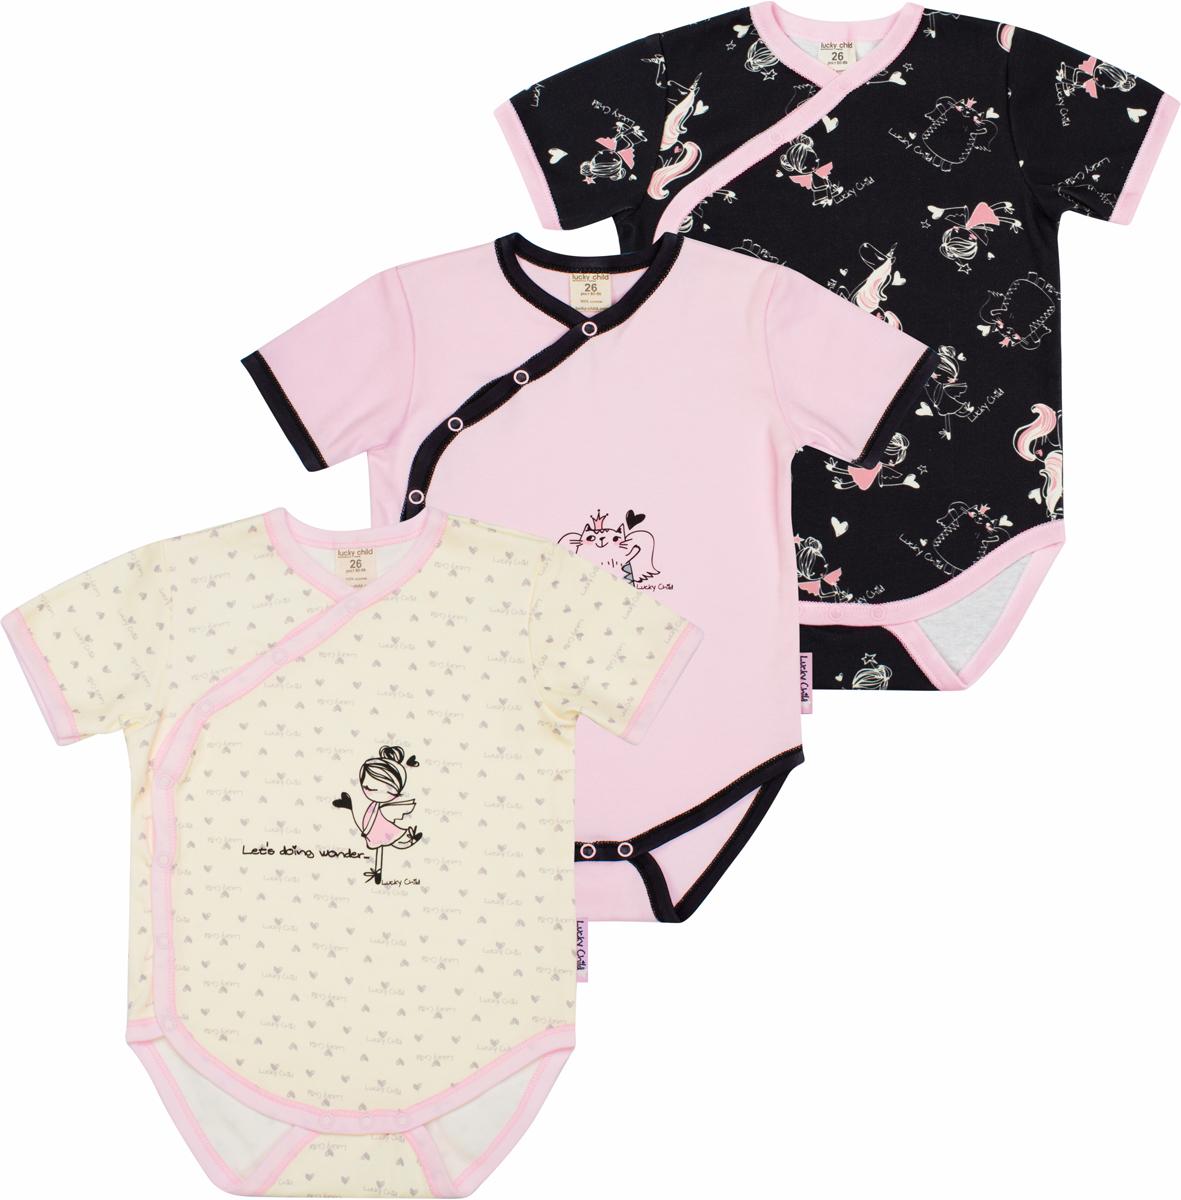 Боди детское Lucky Child, цвет: розовый, черный, желтый, 3шт. 30-193/цв. Размер 80/86 боди детское hudson baby hudson baby боди цыплёнок 3 шт бирюзово розовый